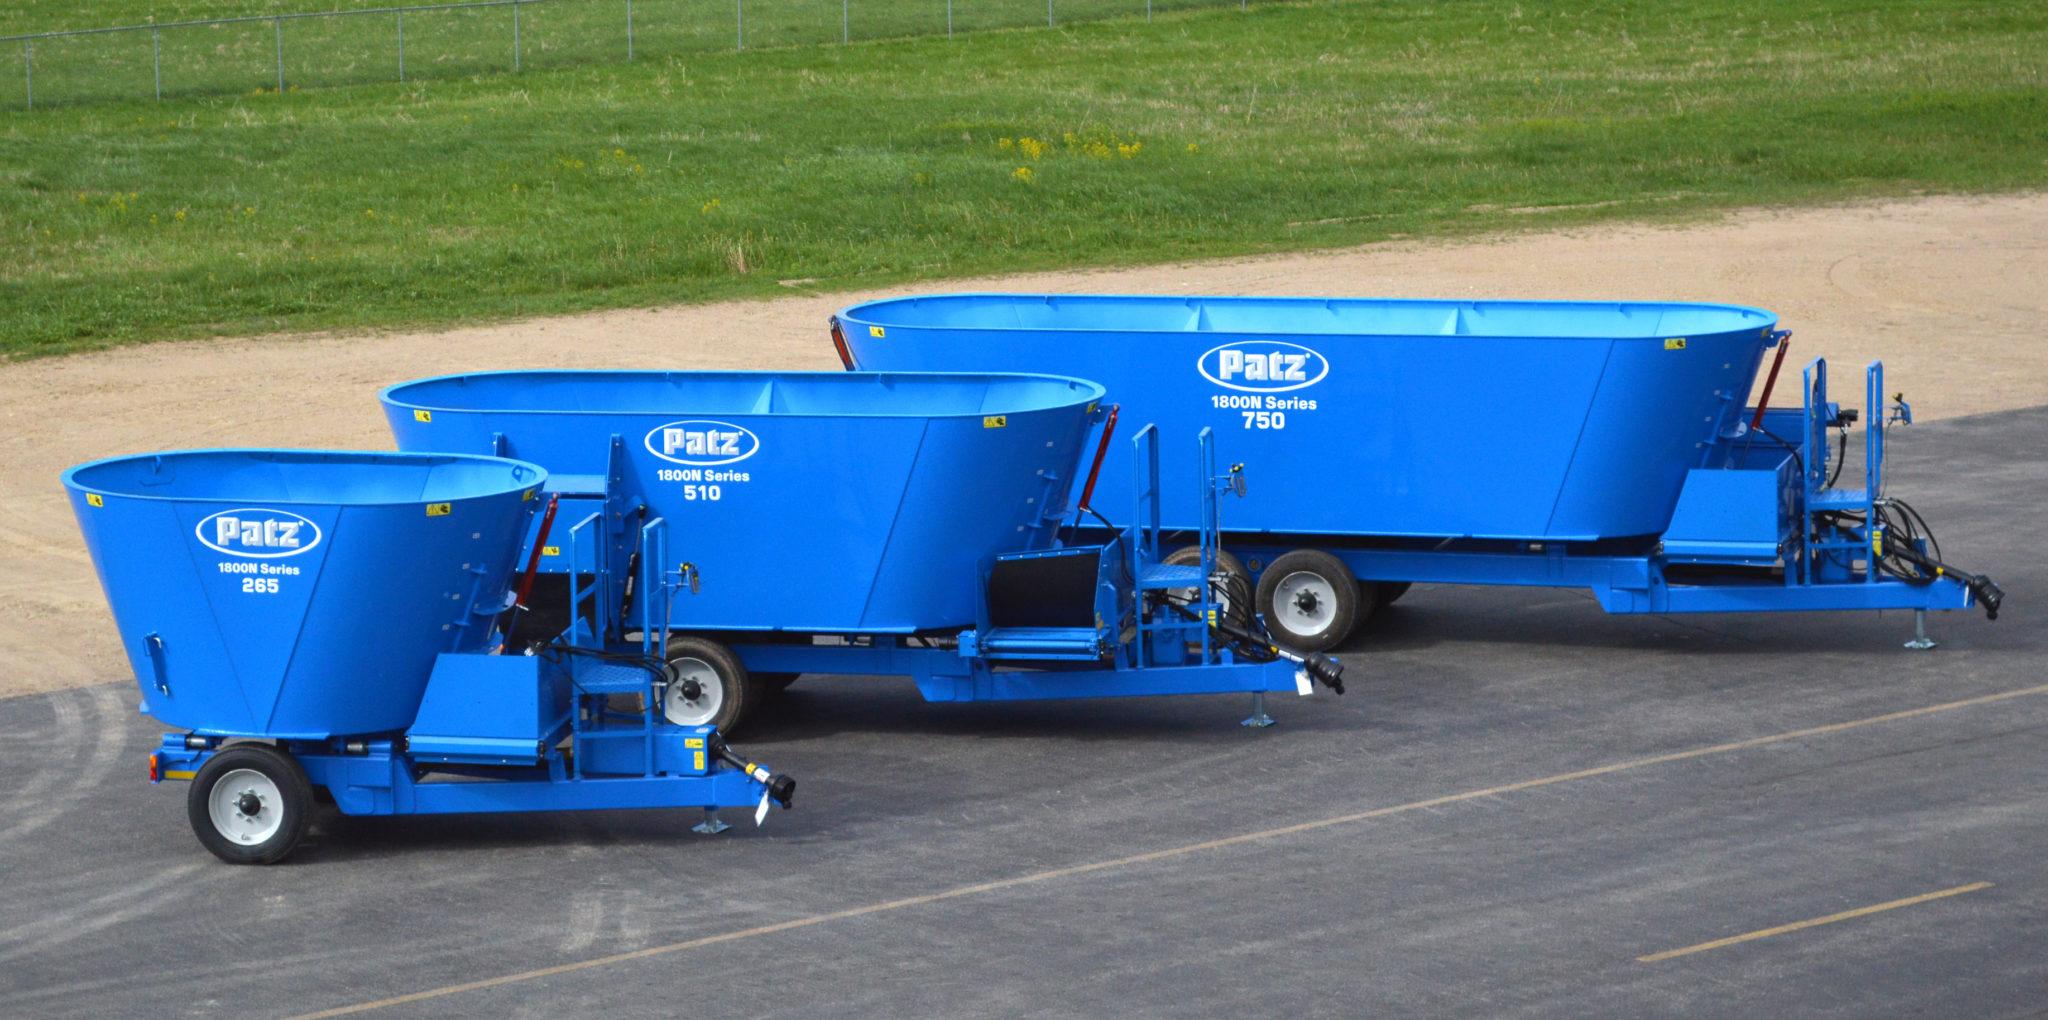 Patz 1800N Series Vertical Mixers